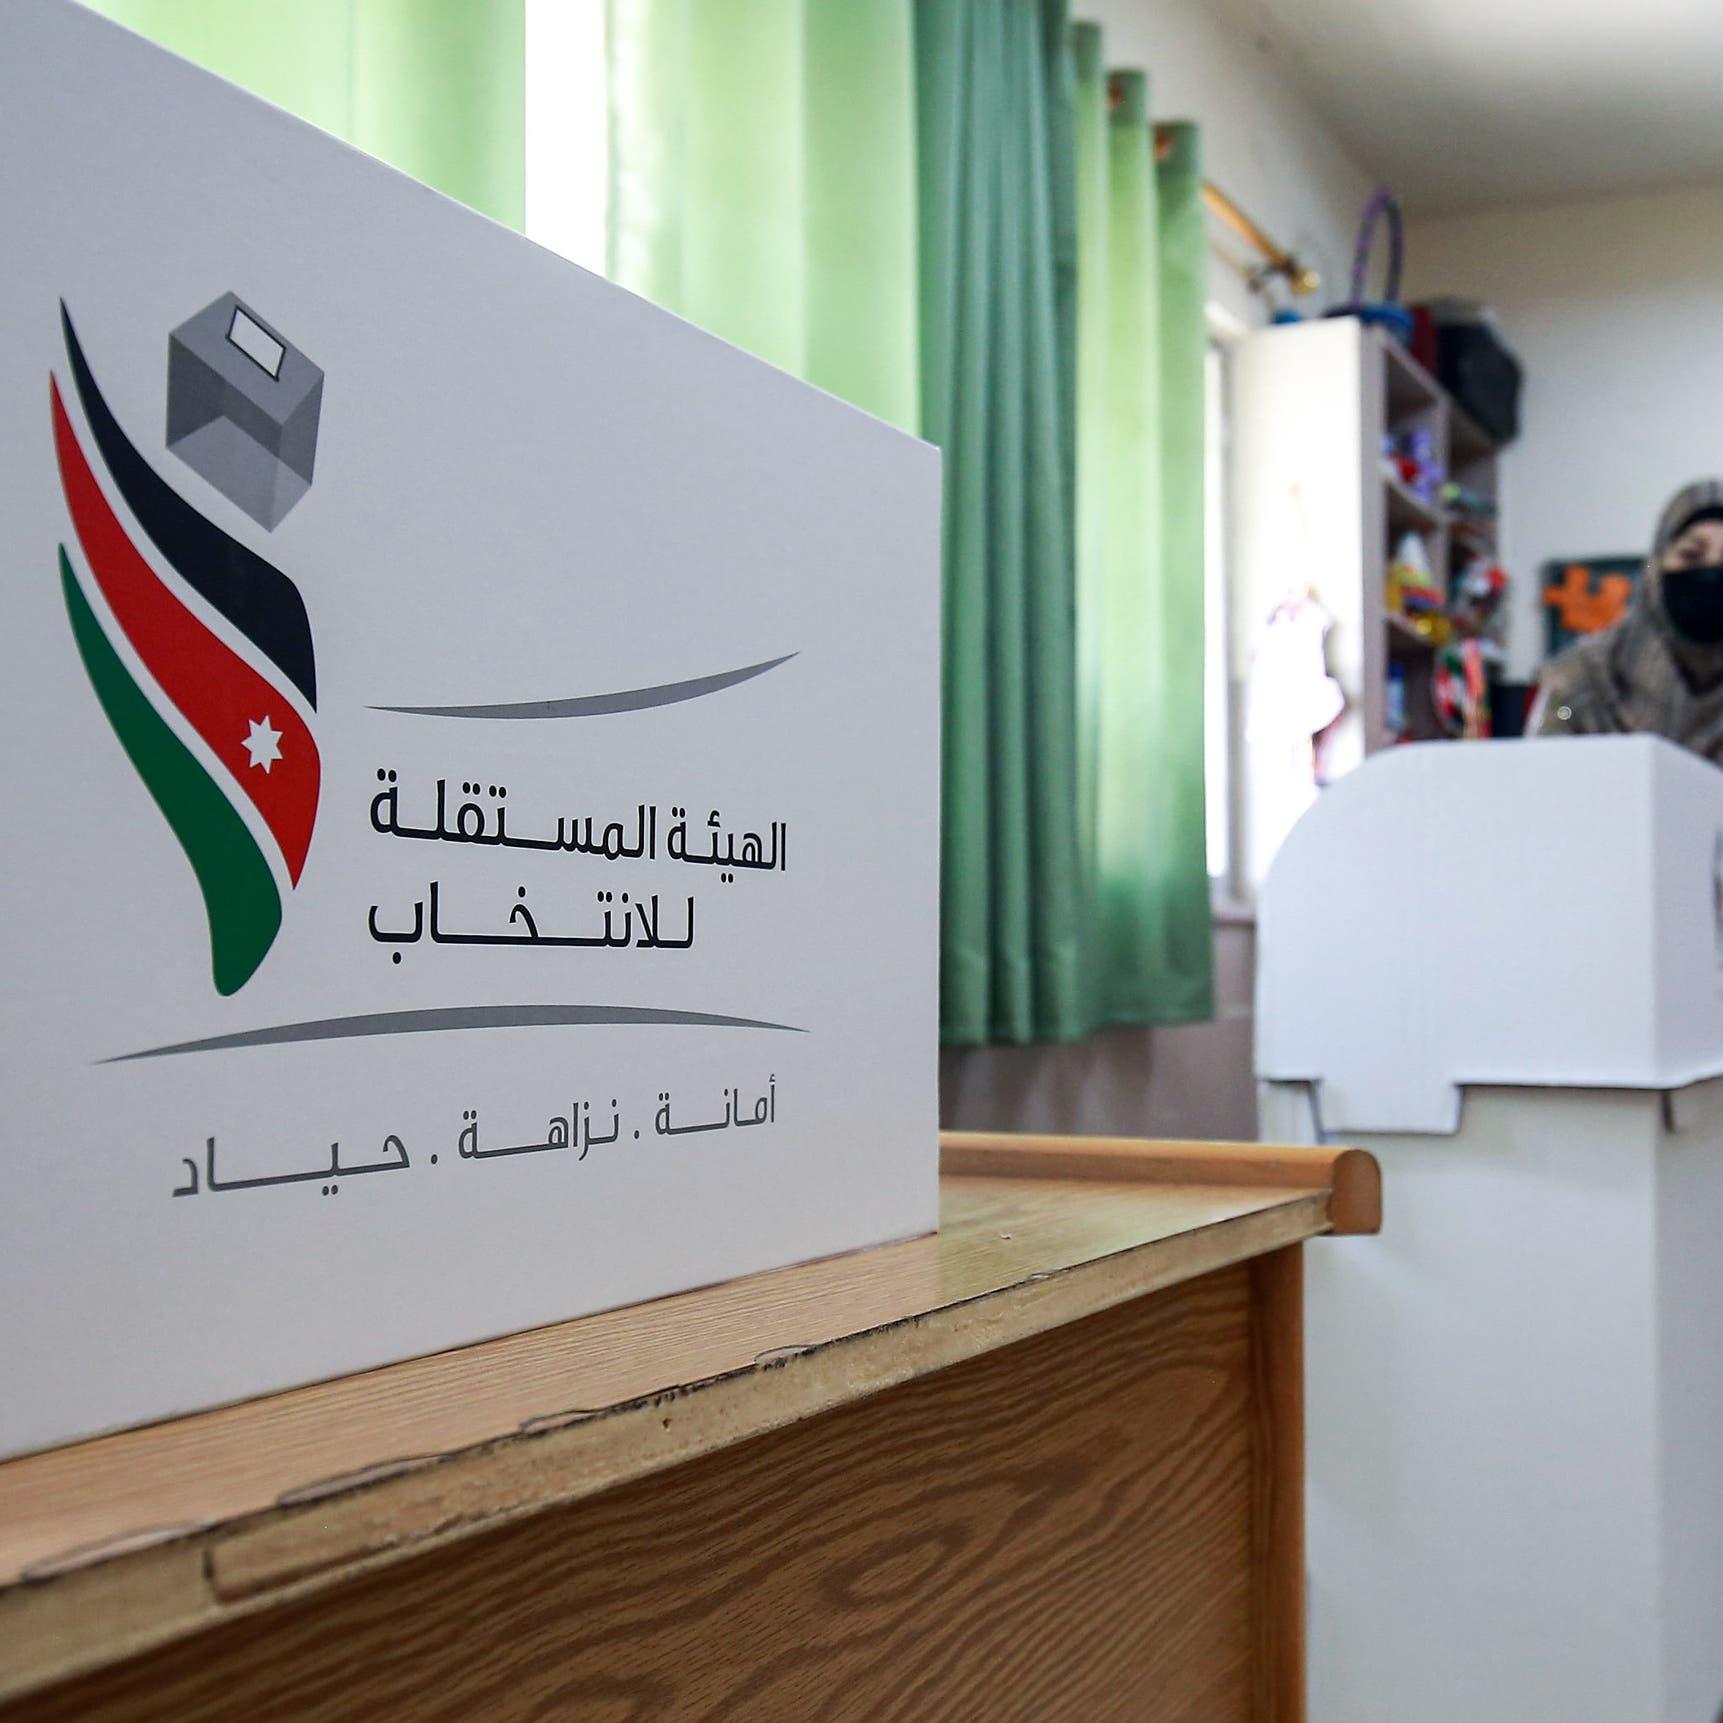 الأردن.. انتخابات نيابية وسط إجراءات صحية مشددة